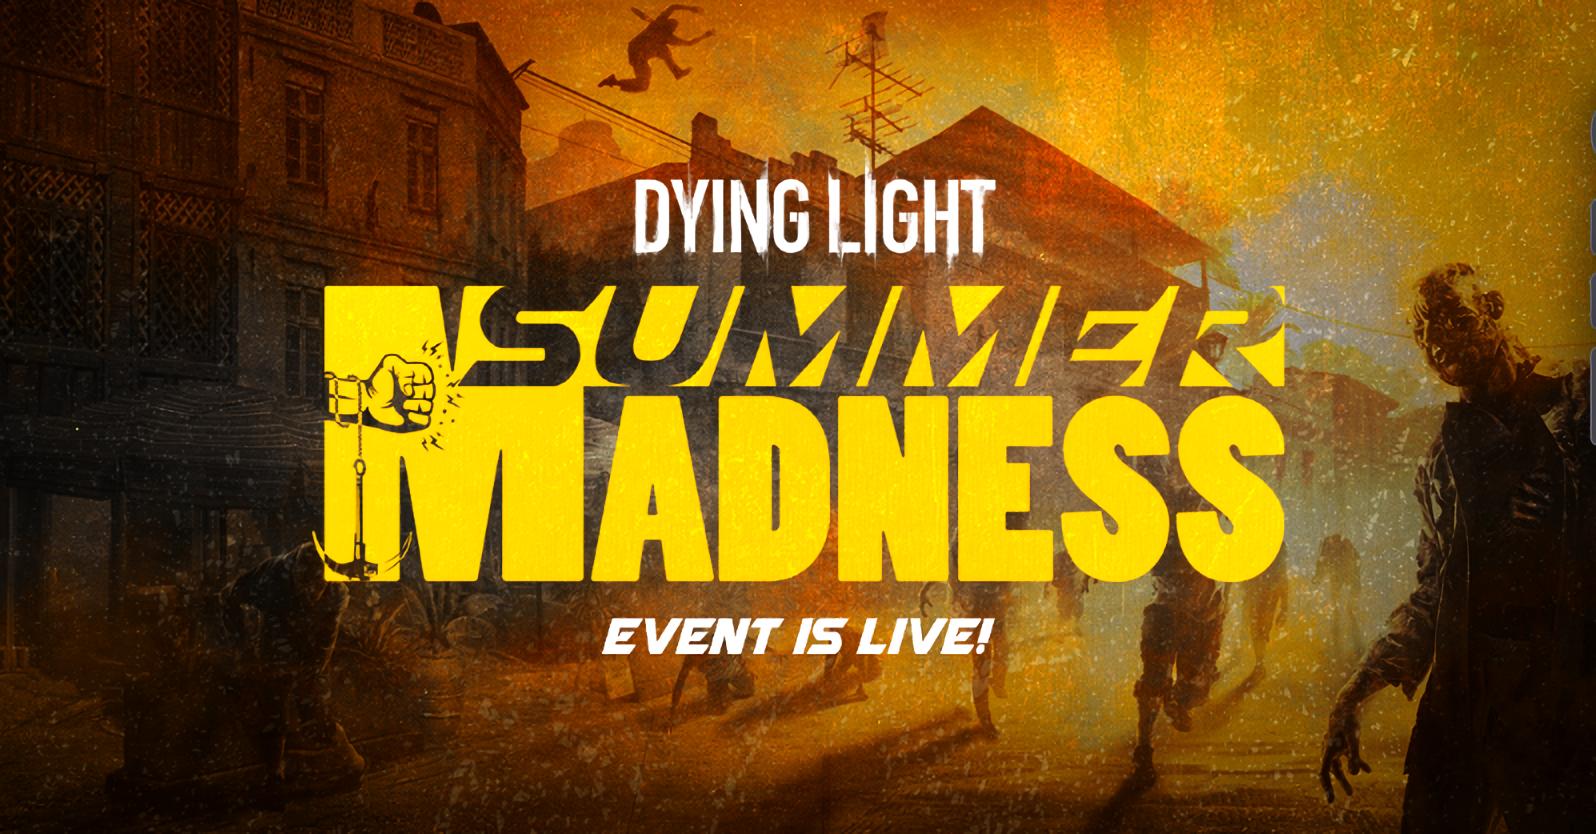 Dying Light снова радует сообщество новым событием Summer Madness